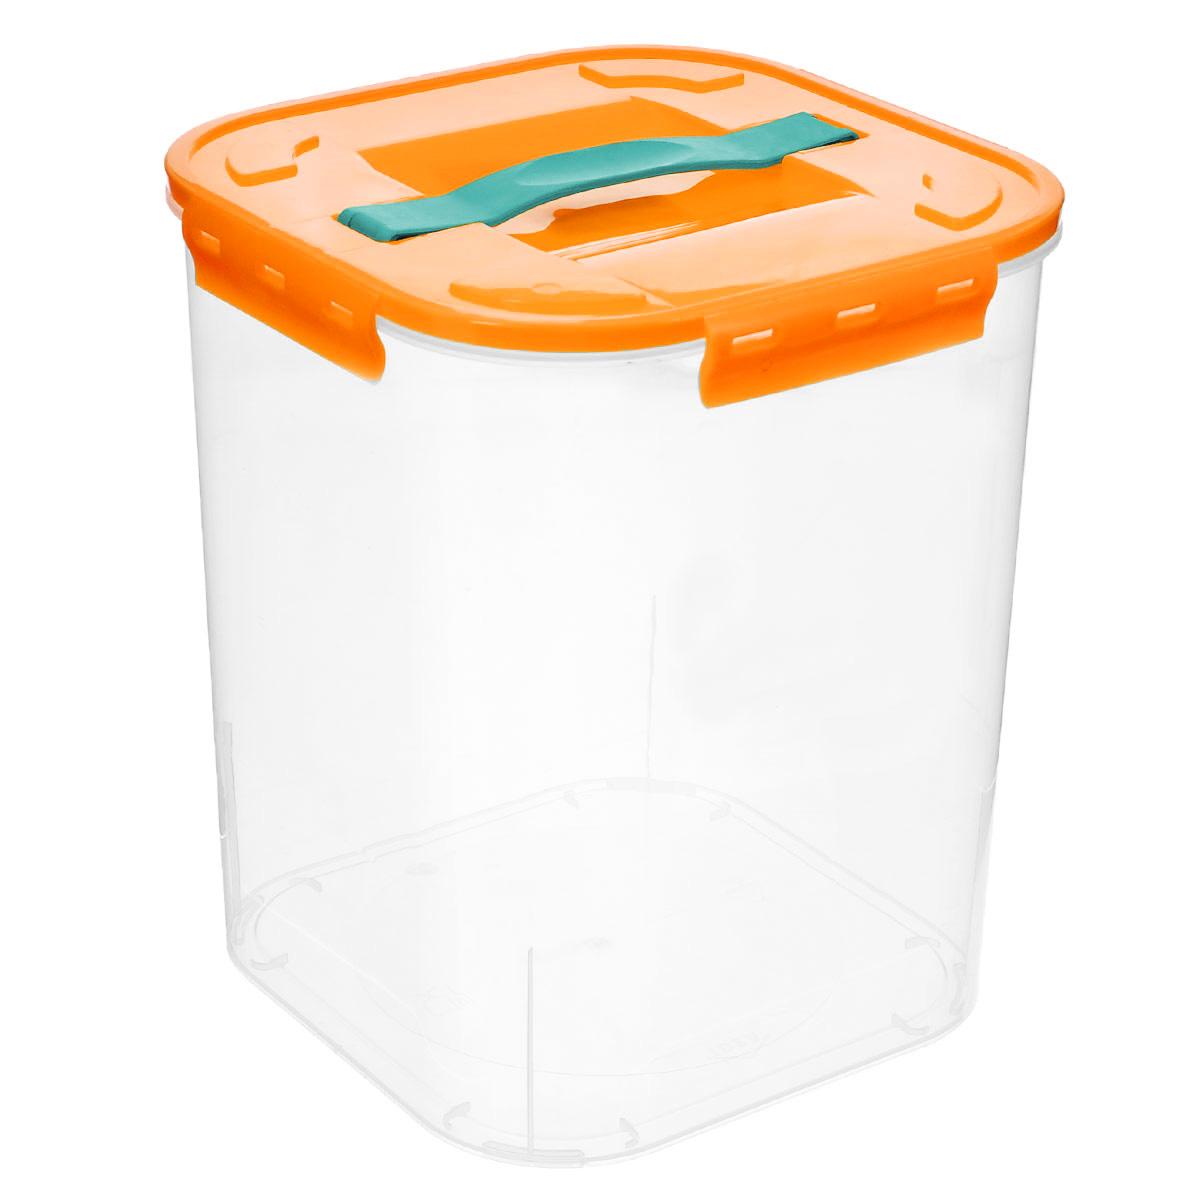 Контейнер для хранения Idea, цвет: оранжевый, прозрачный, 10 л контейнер для хранения idea прямоугольный цвет салатовый прозрачный 8 5 л